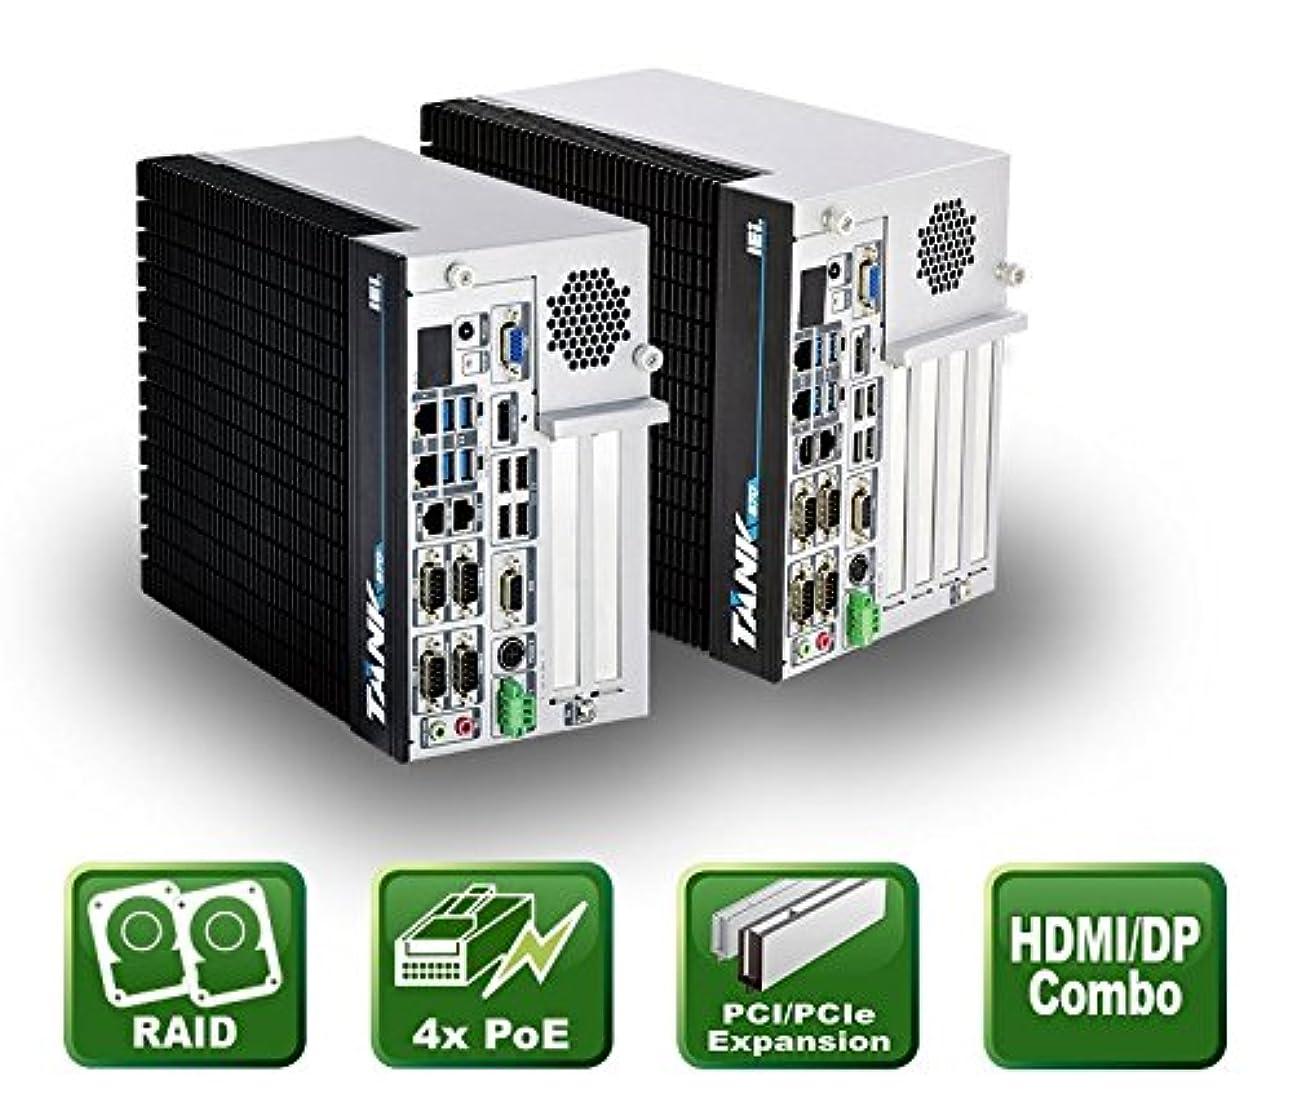 運営十分ではない重荷IEI 産業用ファンレス組込みPC Intel Core i7-6700TE搭載 PCIe(16)×1+PCI×3スロット搭載 メディア&OSレスモデル TANK-870-Q170i-i7/4G/4B